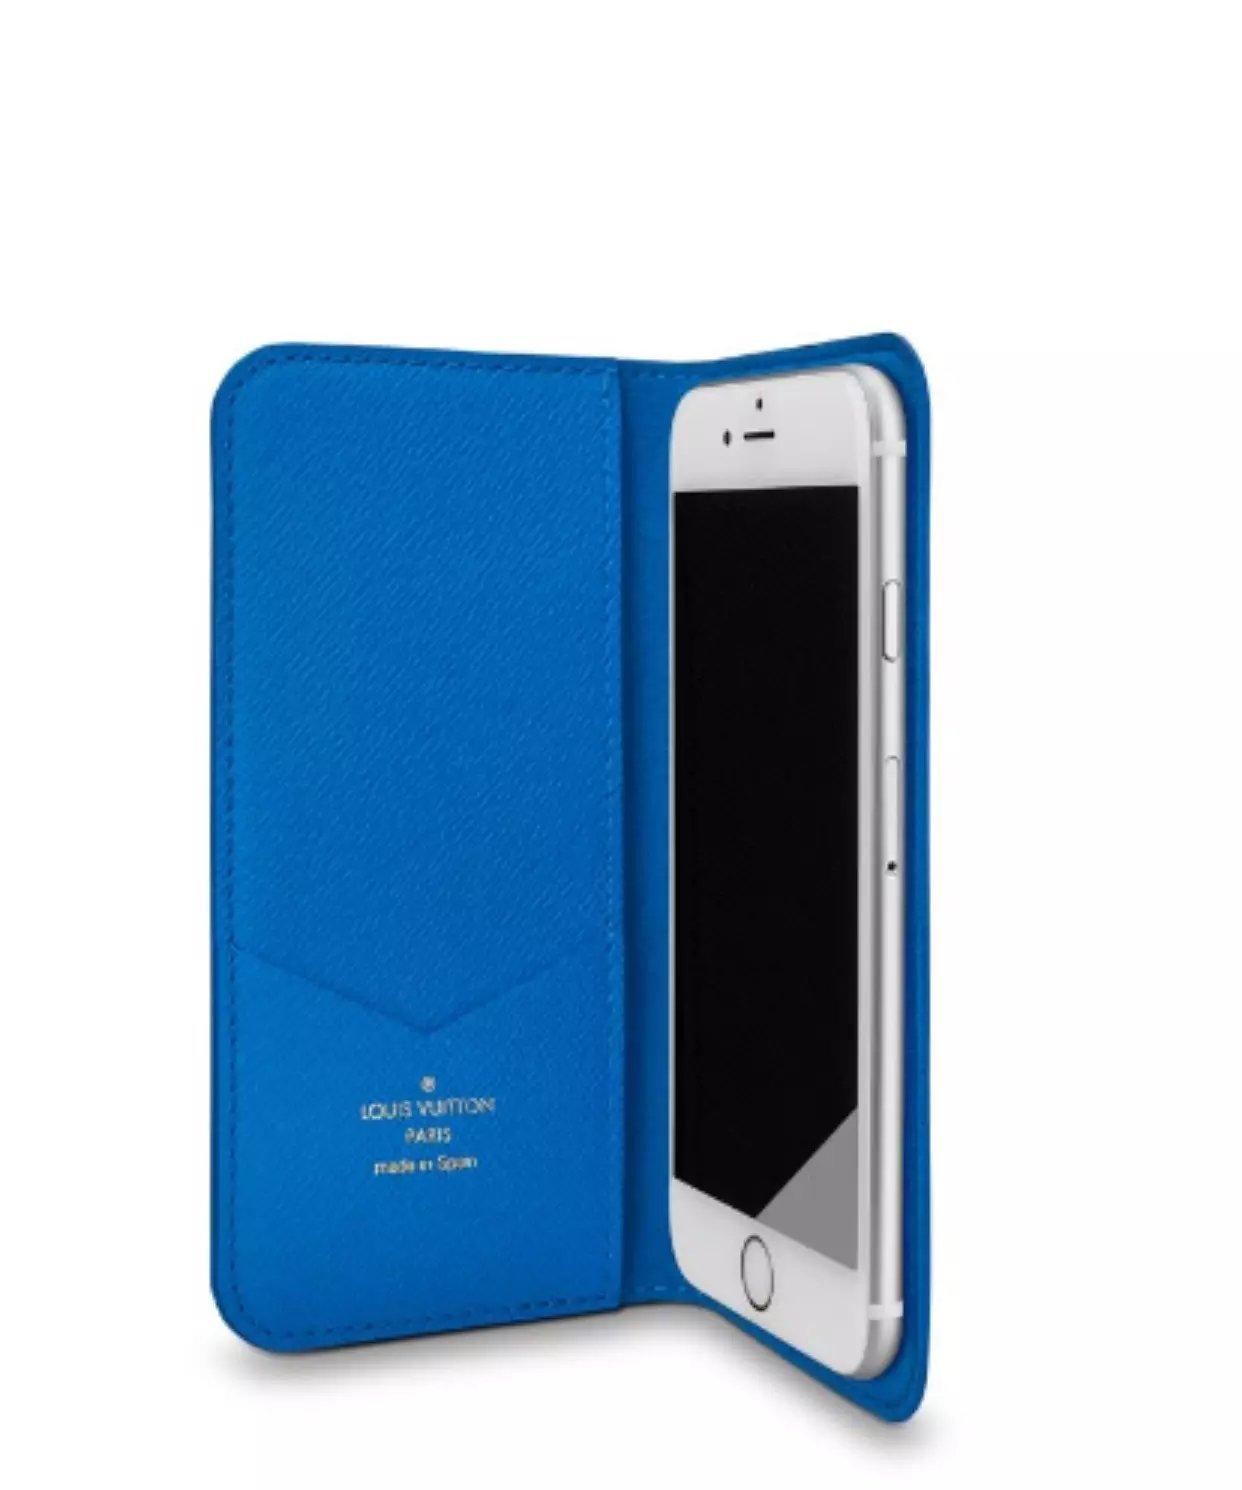 eigene iphone hülle erstellen iphone case selbst gestalten günstig Louis Vuitton iphone7 hülle handyhülle 7lbst gestalten iphone iphone hülle machen iphone 7 a7 apple weiße iphone hülle handy tasche iphone 7 samsung bilder